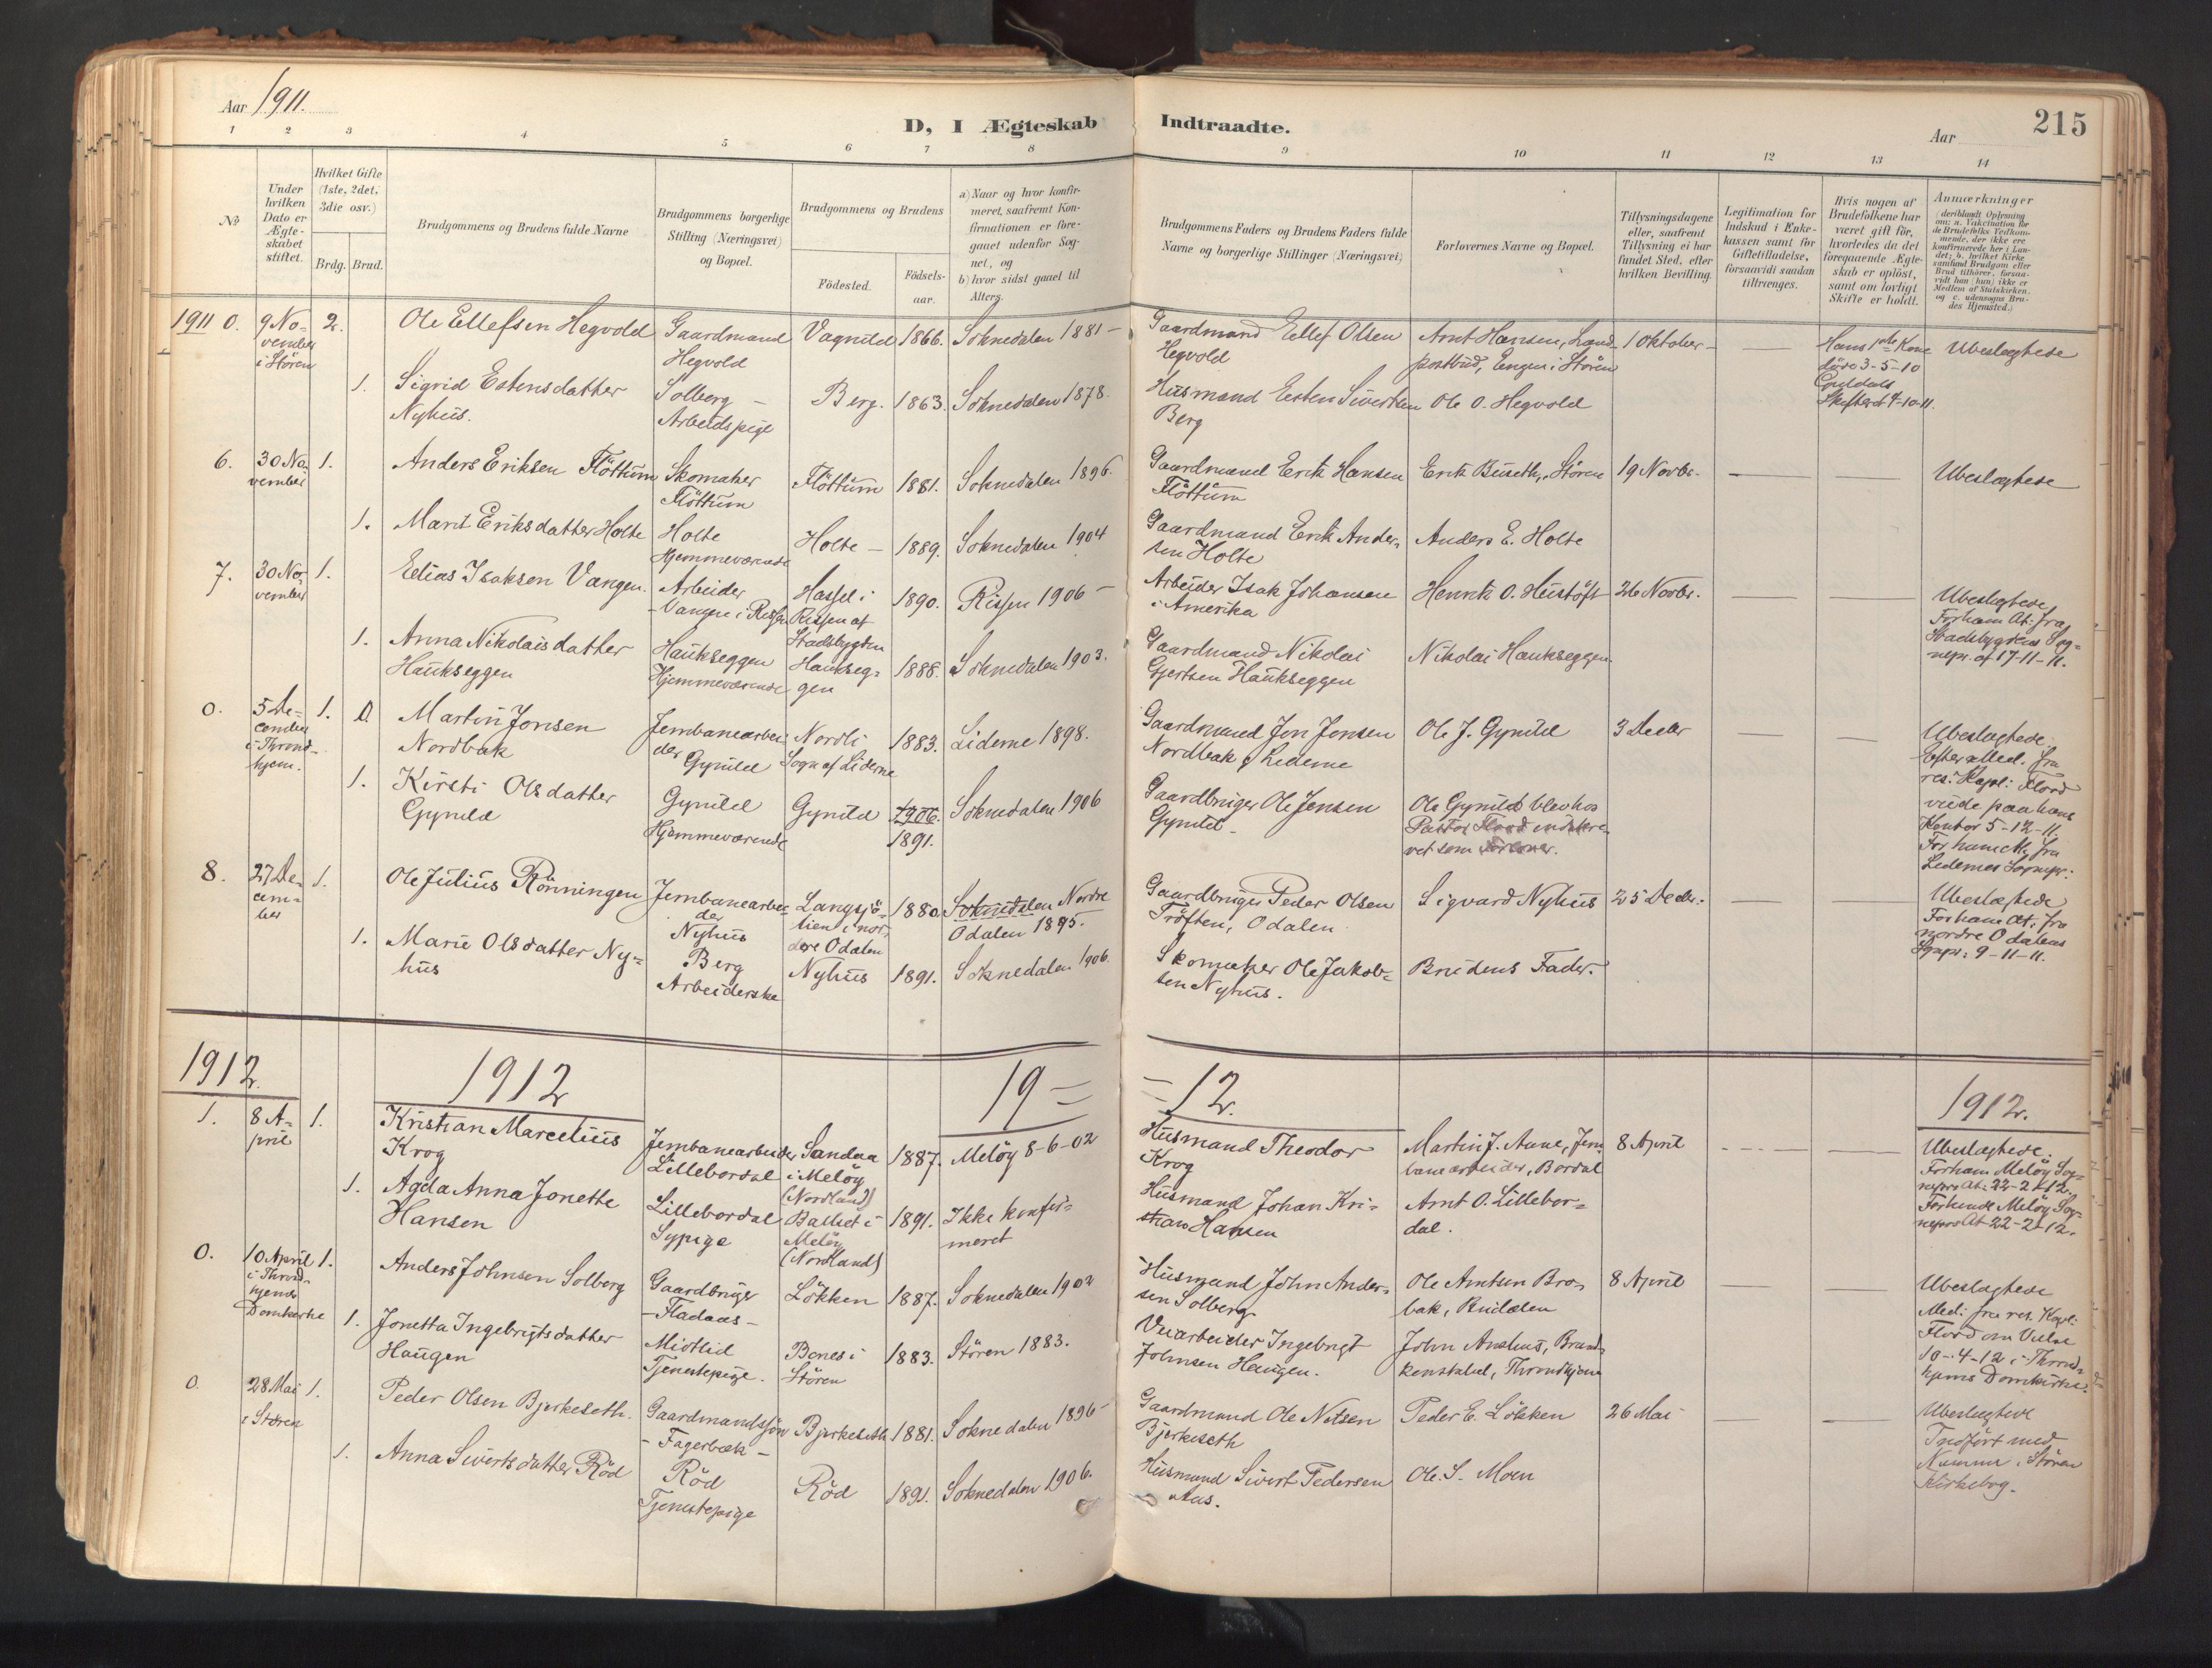 SAT, Ministerialprotokoller, klokkerbøker og fødselsregistre - Sør-Trøndelag, 689/L1041: Ministerialbok nr. 689A06, 1891-1923, s. 215